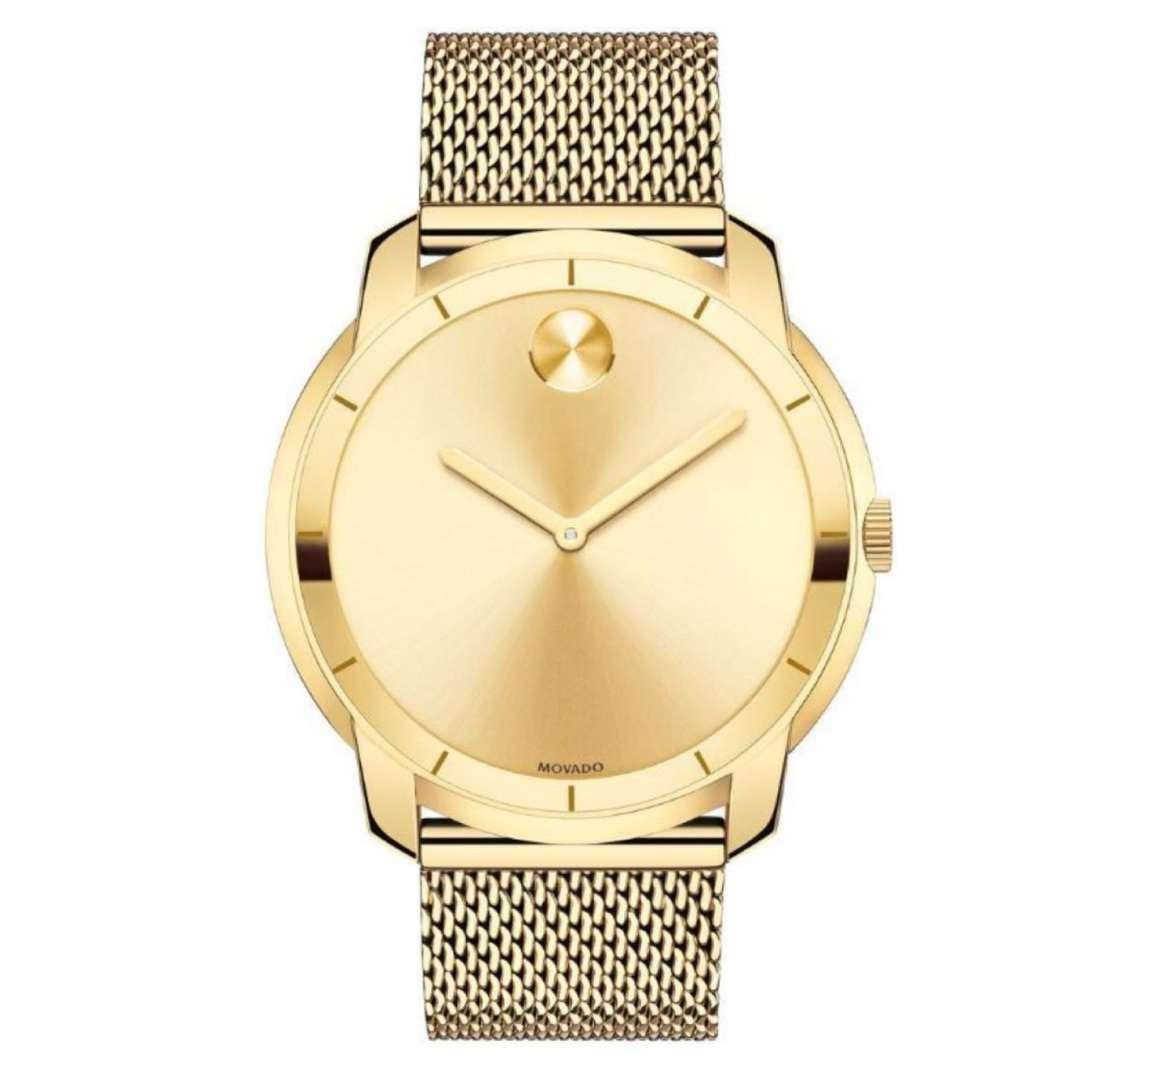 שעון יד אנלוגי 3600373 Movado מובאדו